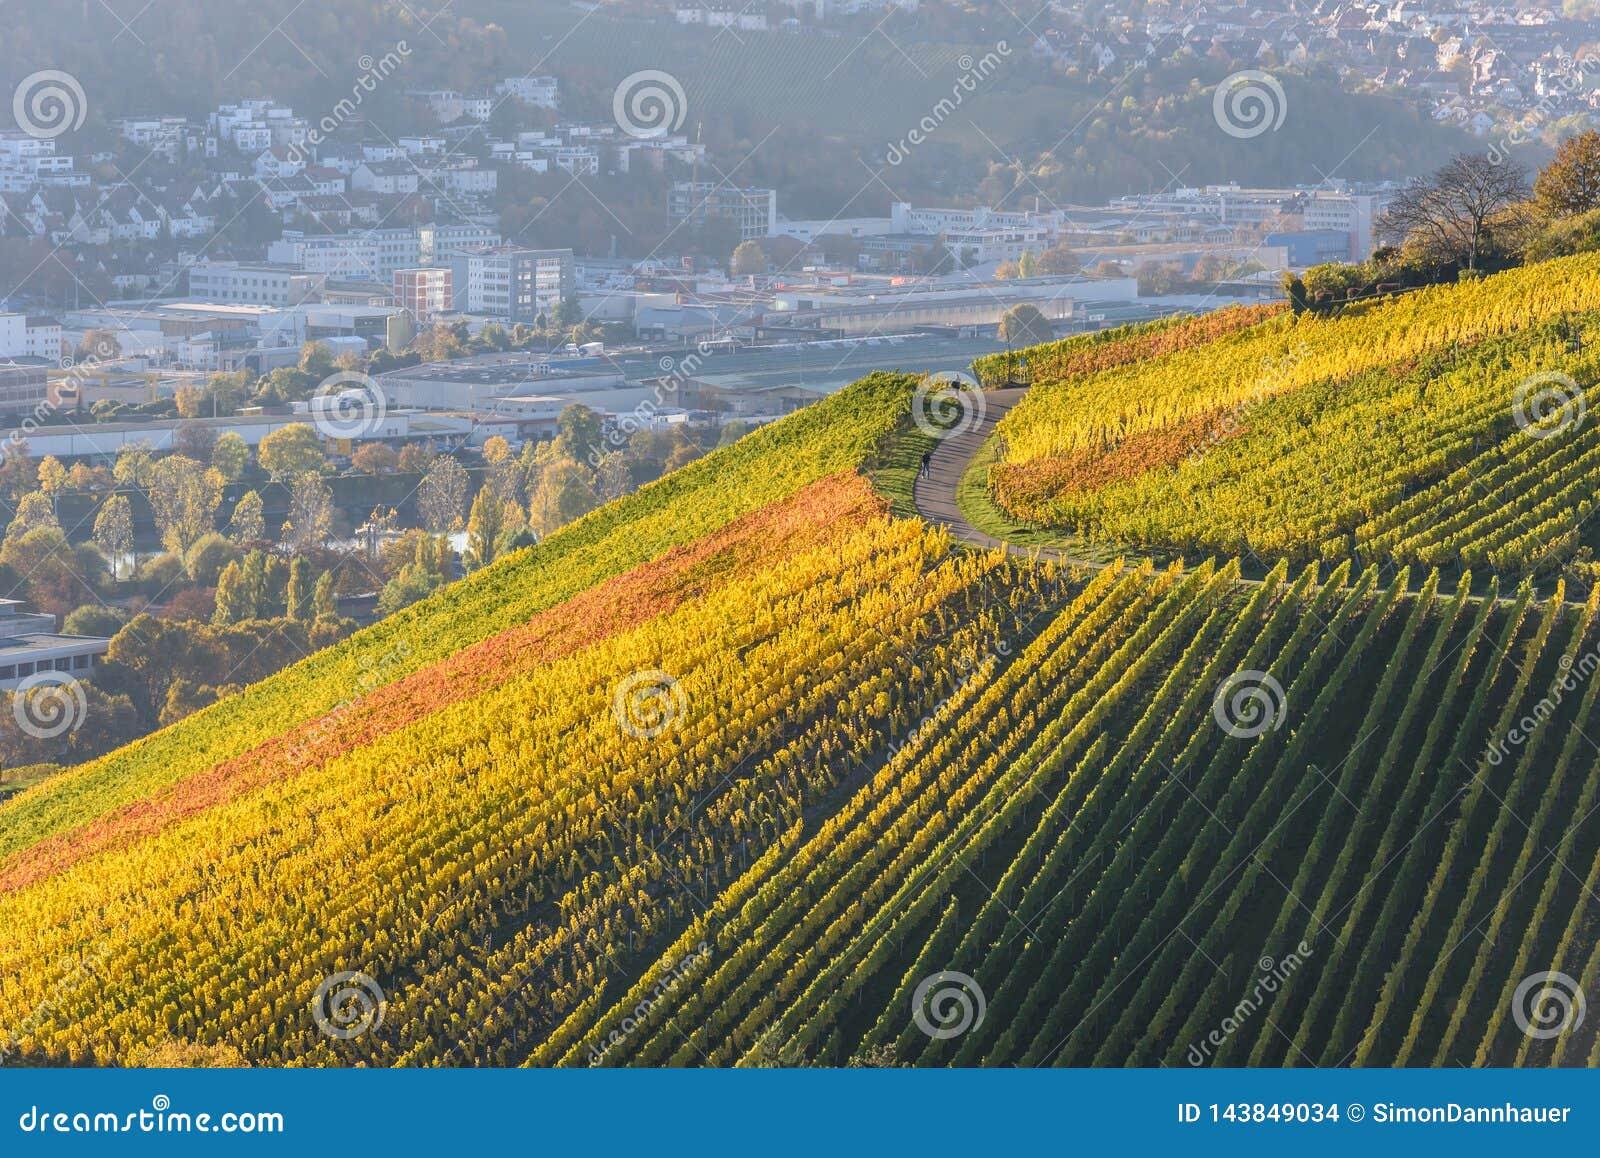 Weinberge in Stuttgart - sch?ne Weinregion im S?den von Deutschland